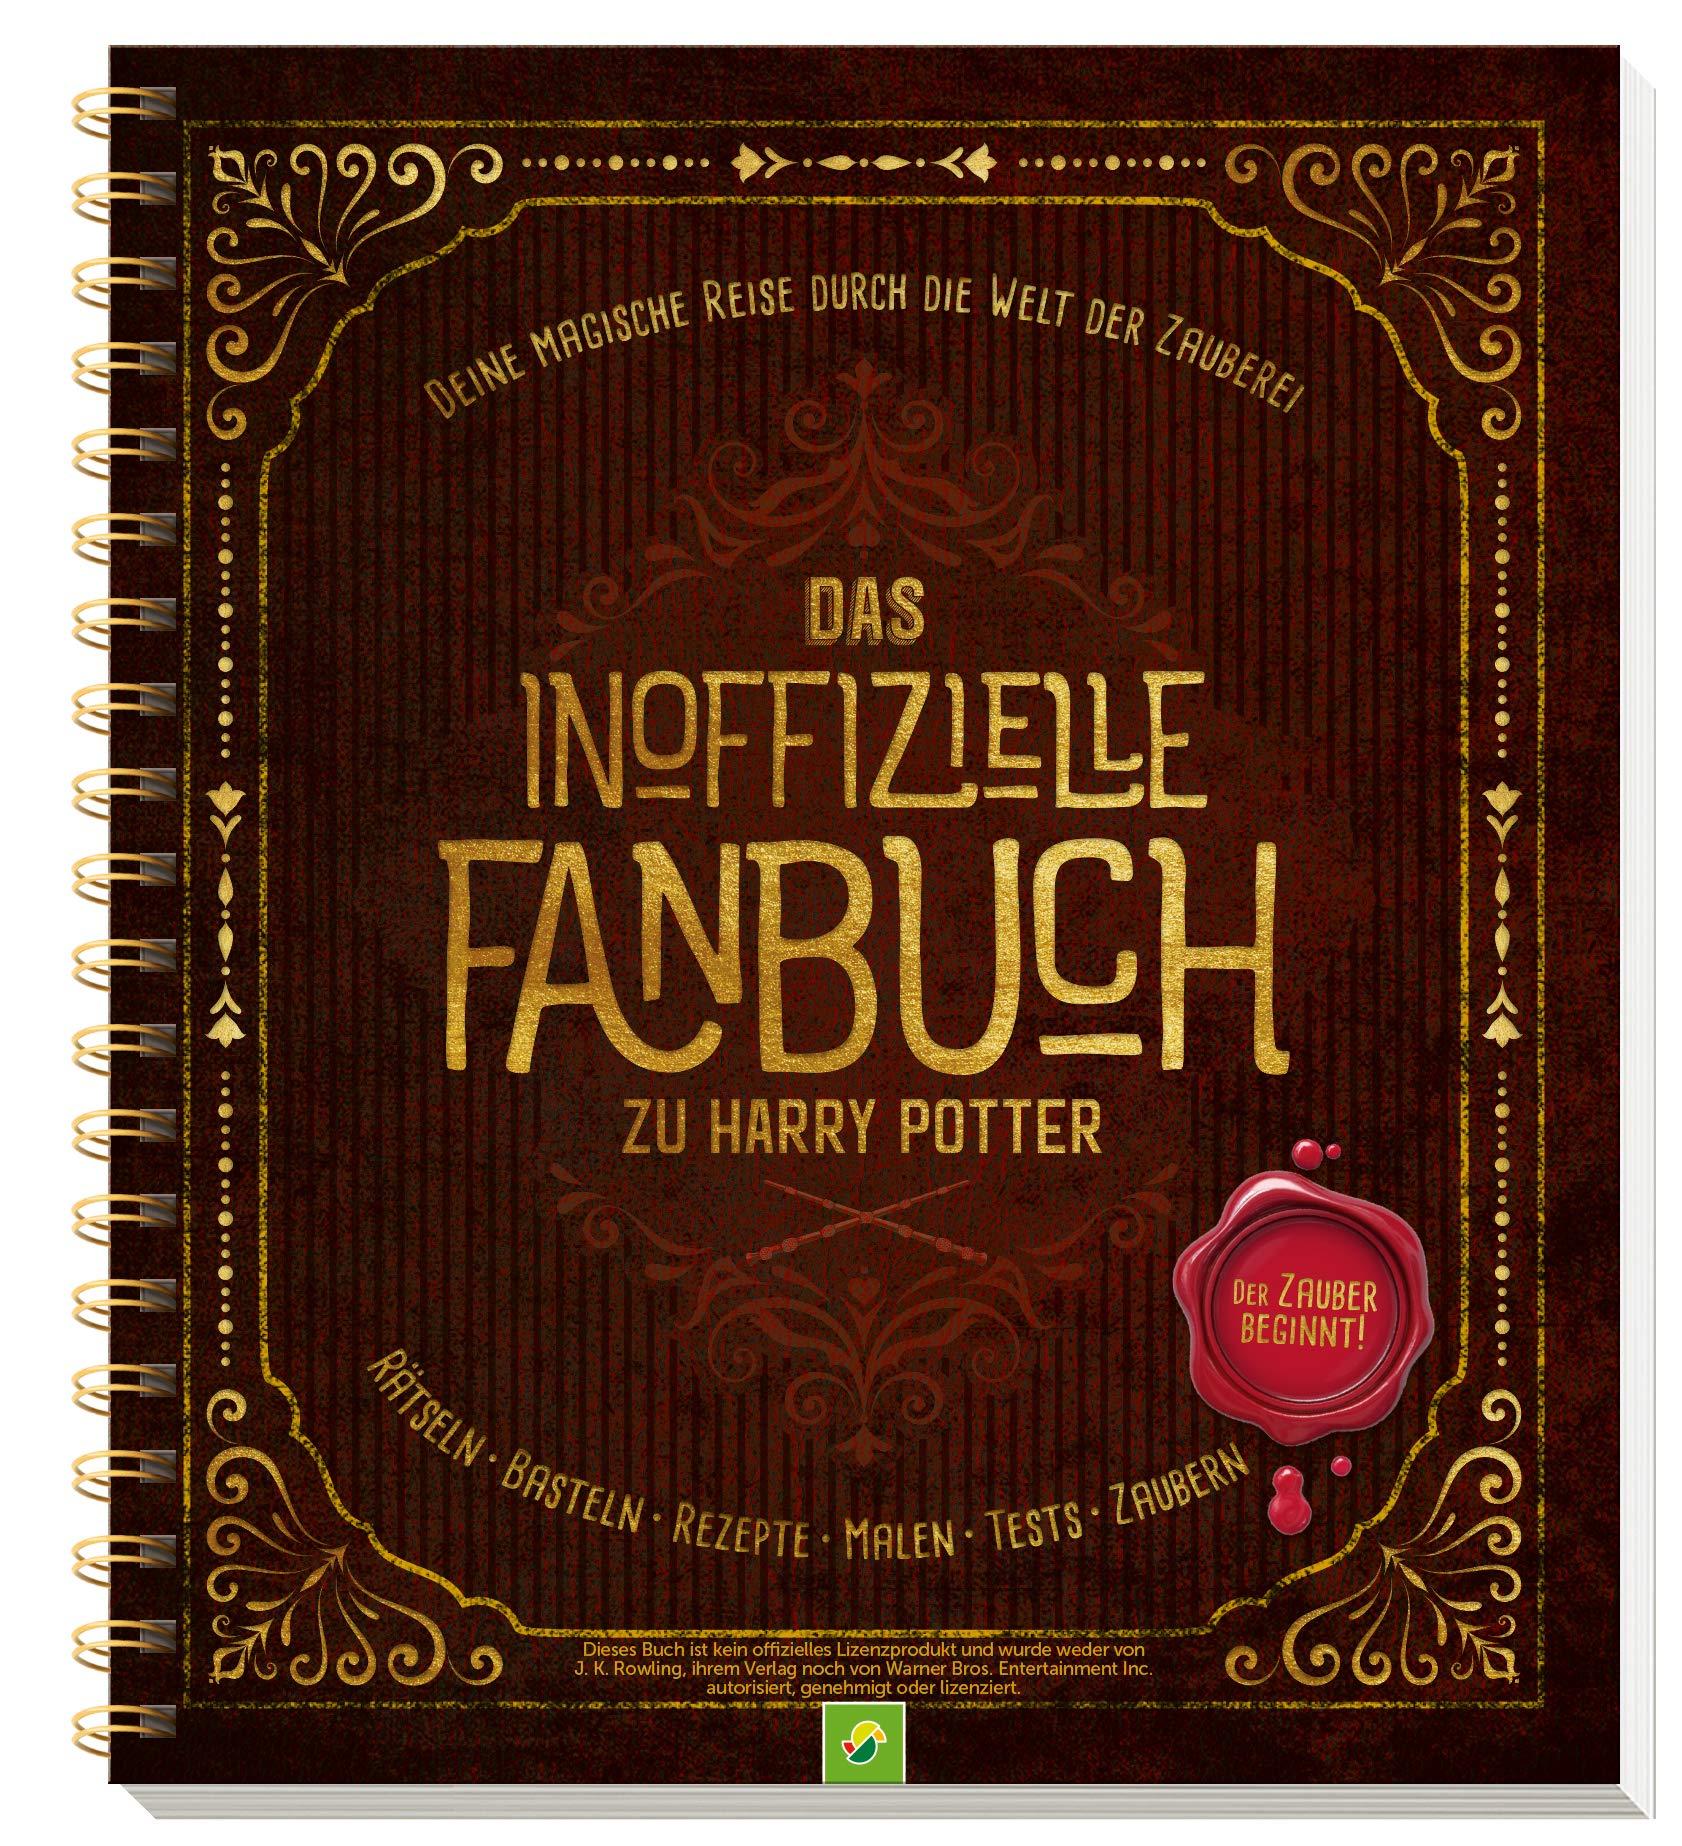 Das Inoffizielle Fanbuch Zu Harry Potter Eine Magische Reise Durch Die Welt Der Zauberei Bensch Katharina 9783849917197 Amazon Com Books